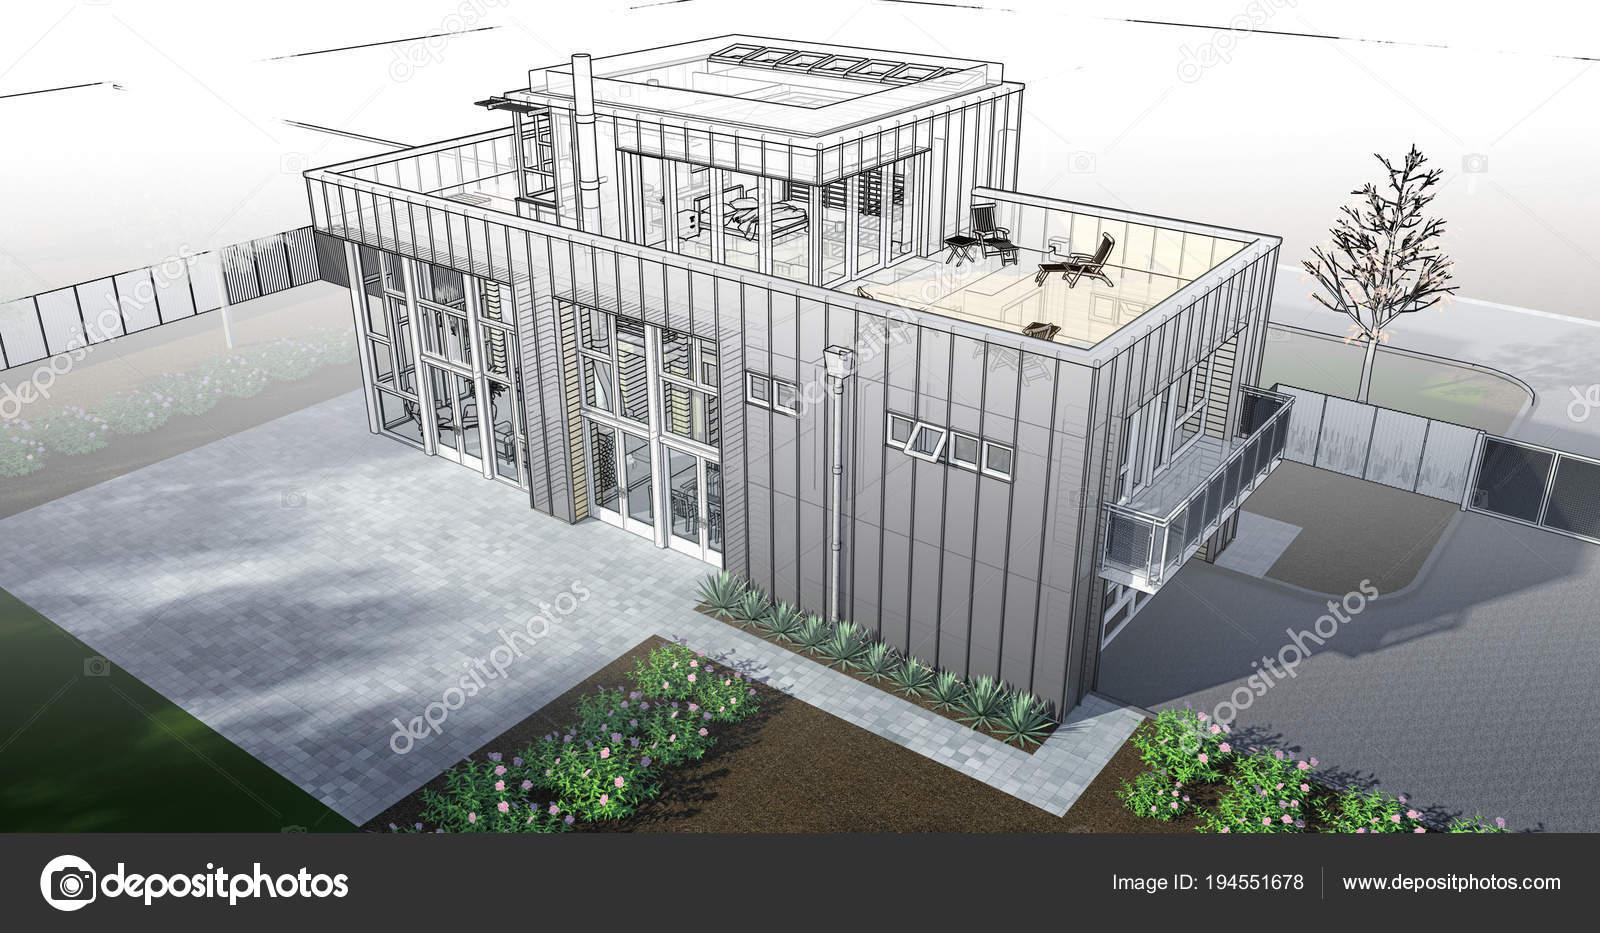 Moderni Dum Se Zahradou A Garazi Trojrozmerne Rastrovy Obrazek S